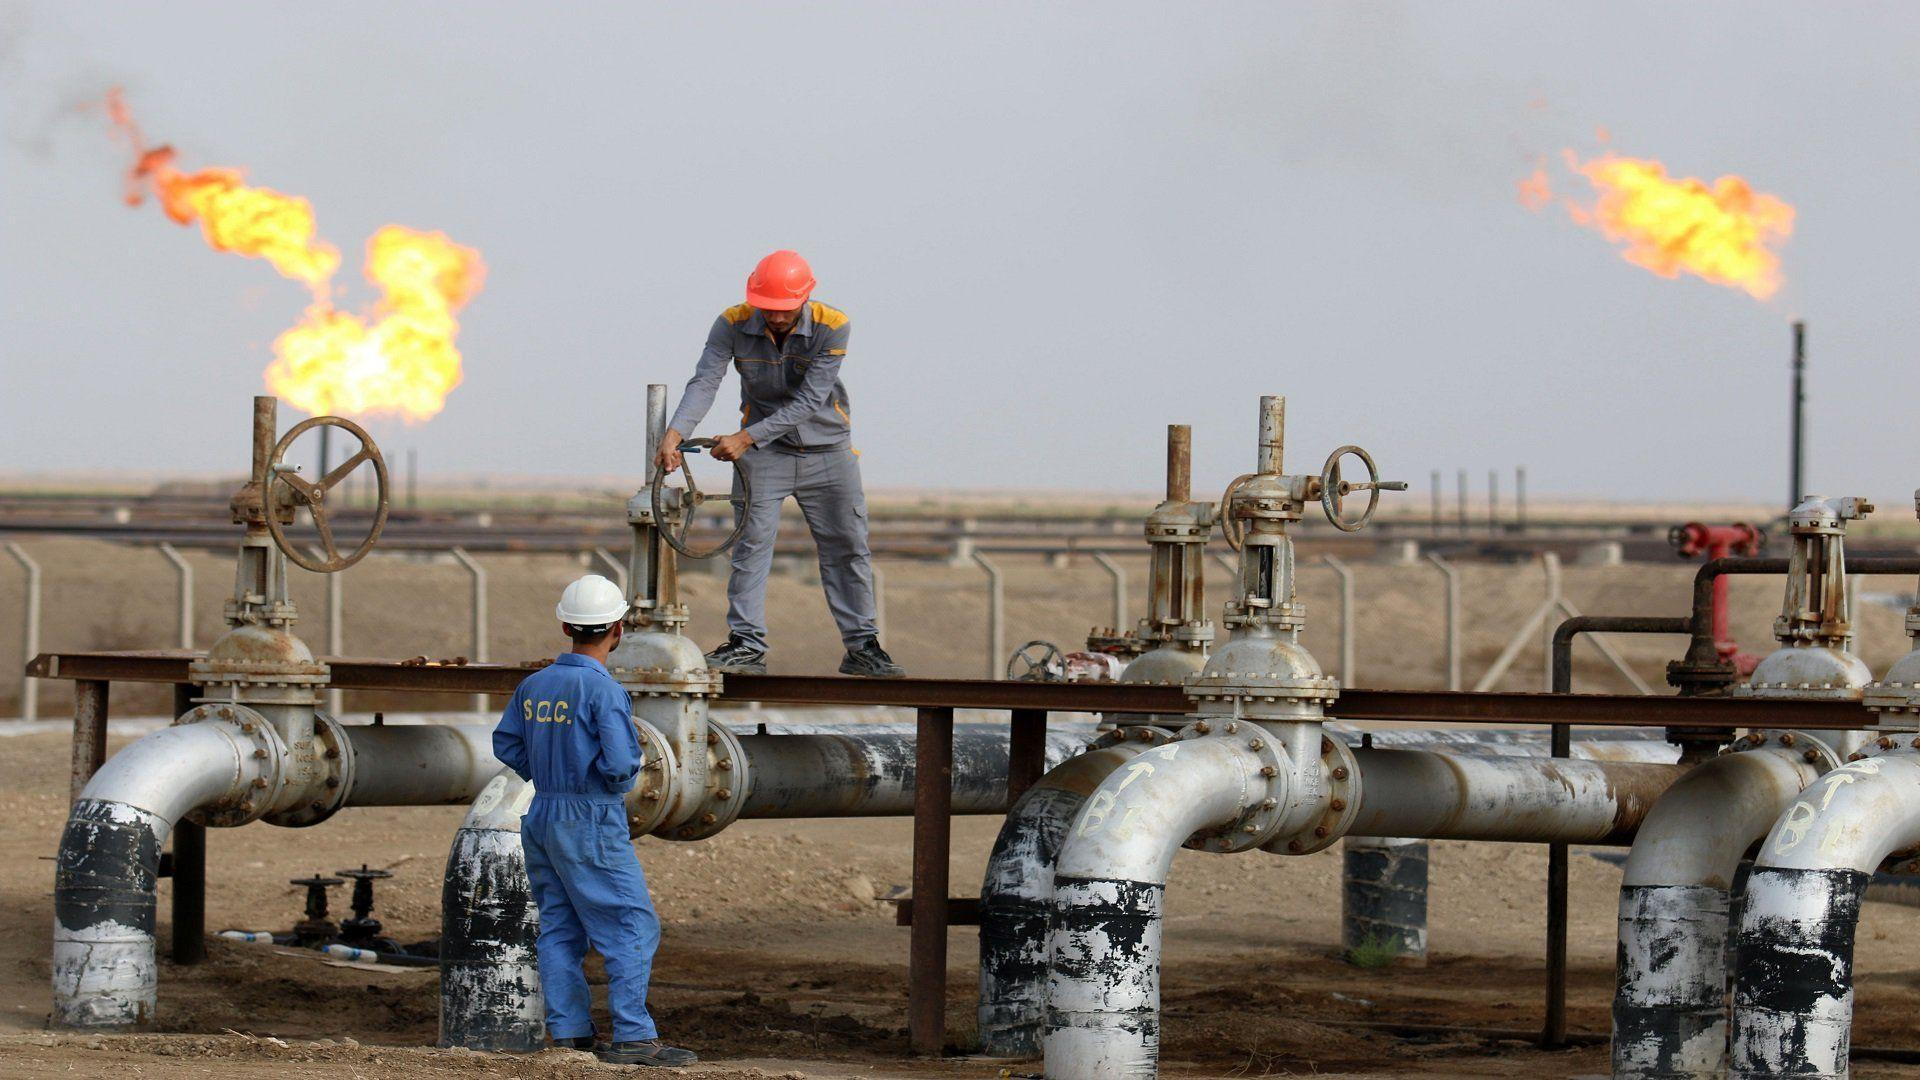 أسعار النفط تواصل الارتفاع والهند تعترض على قرار أوبك +